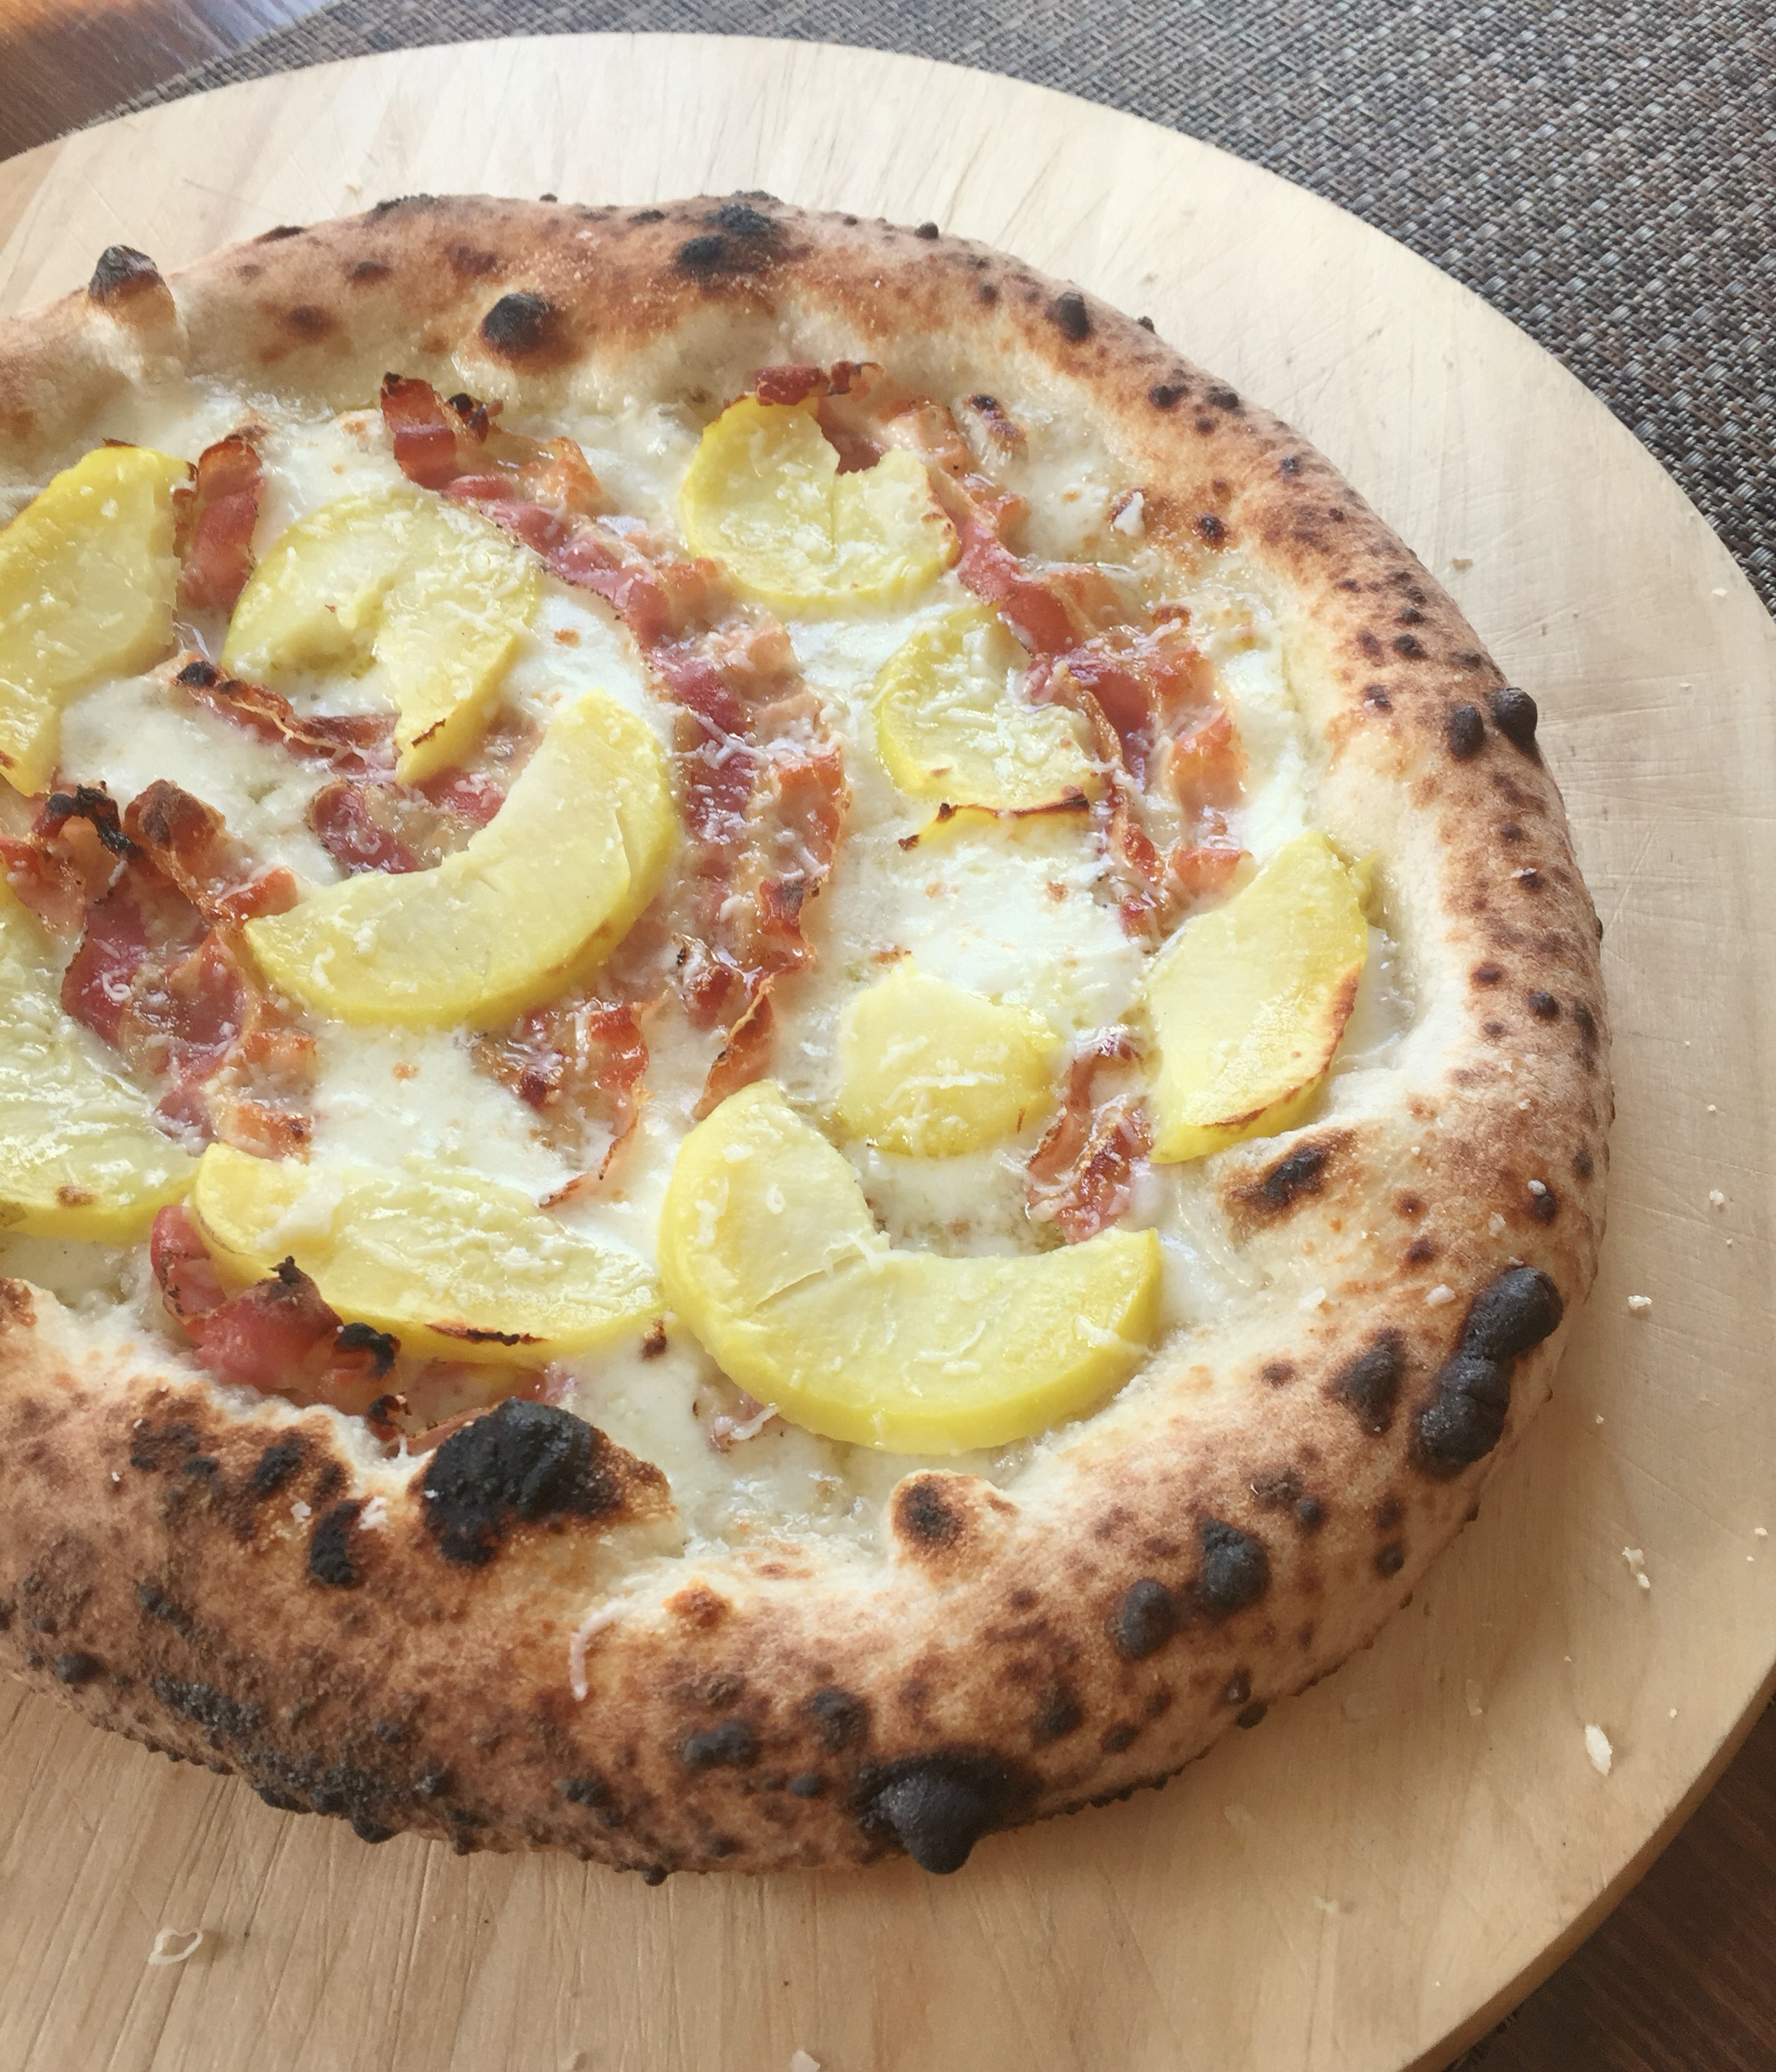 Ricetta Impasto Pizza Toscana.Pizza Con Patate Pancetta Di Cinta Senese E Pecorino Toscano Le Ricette Di Michi